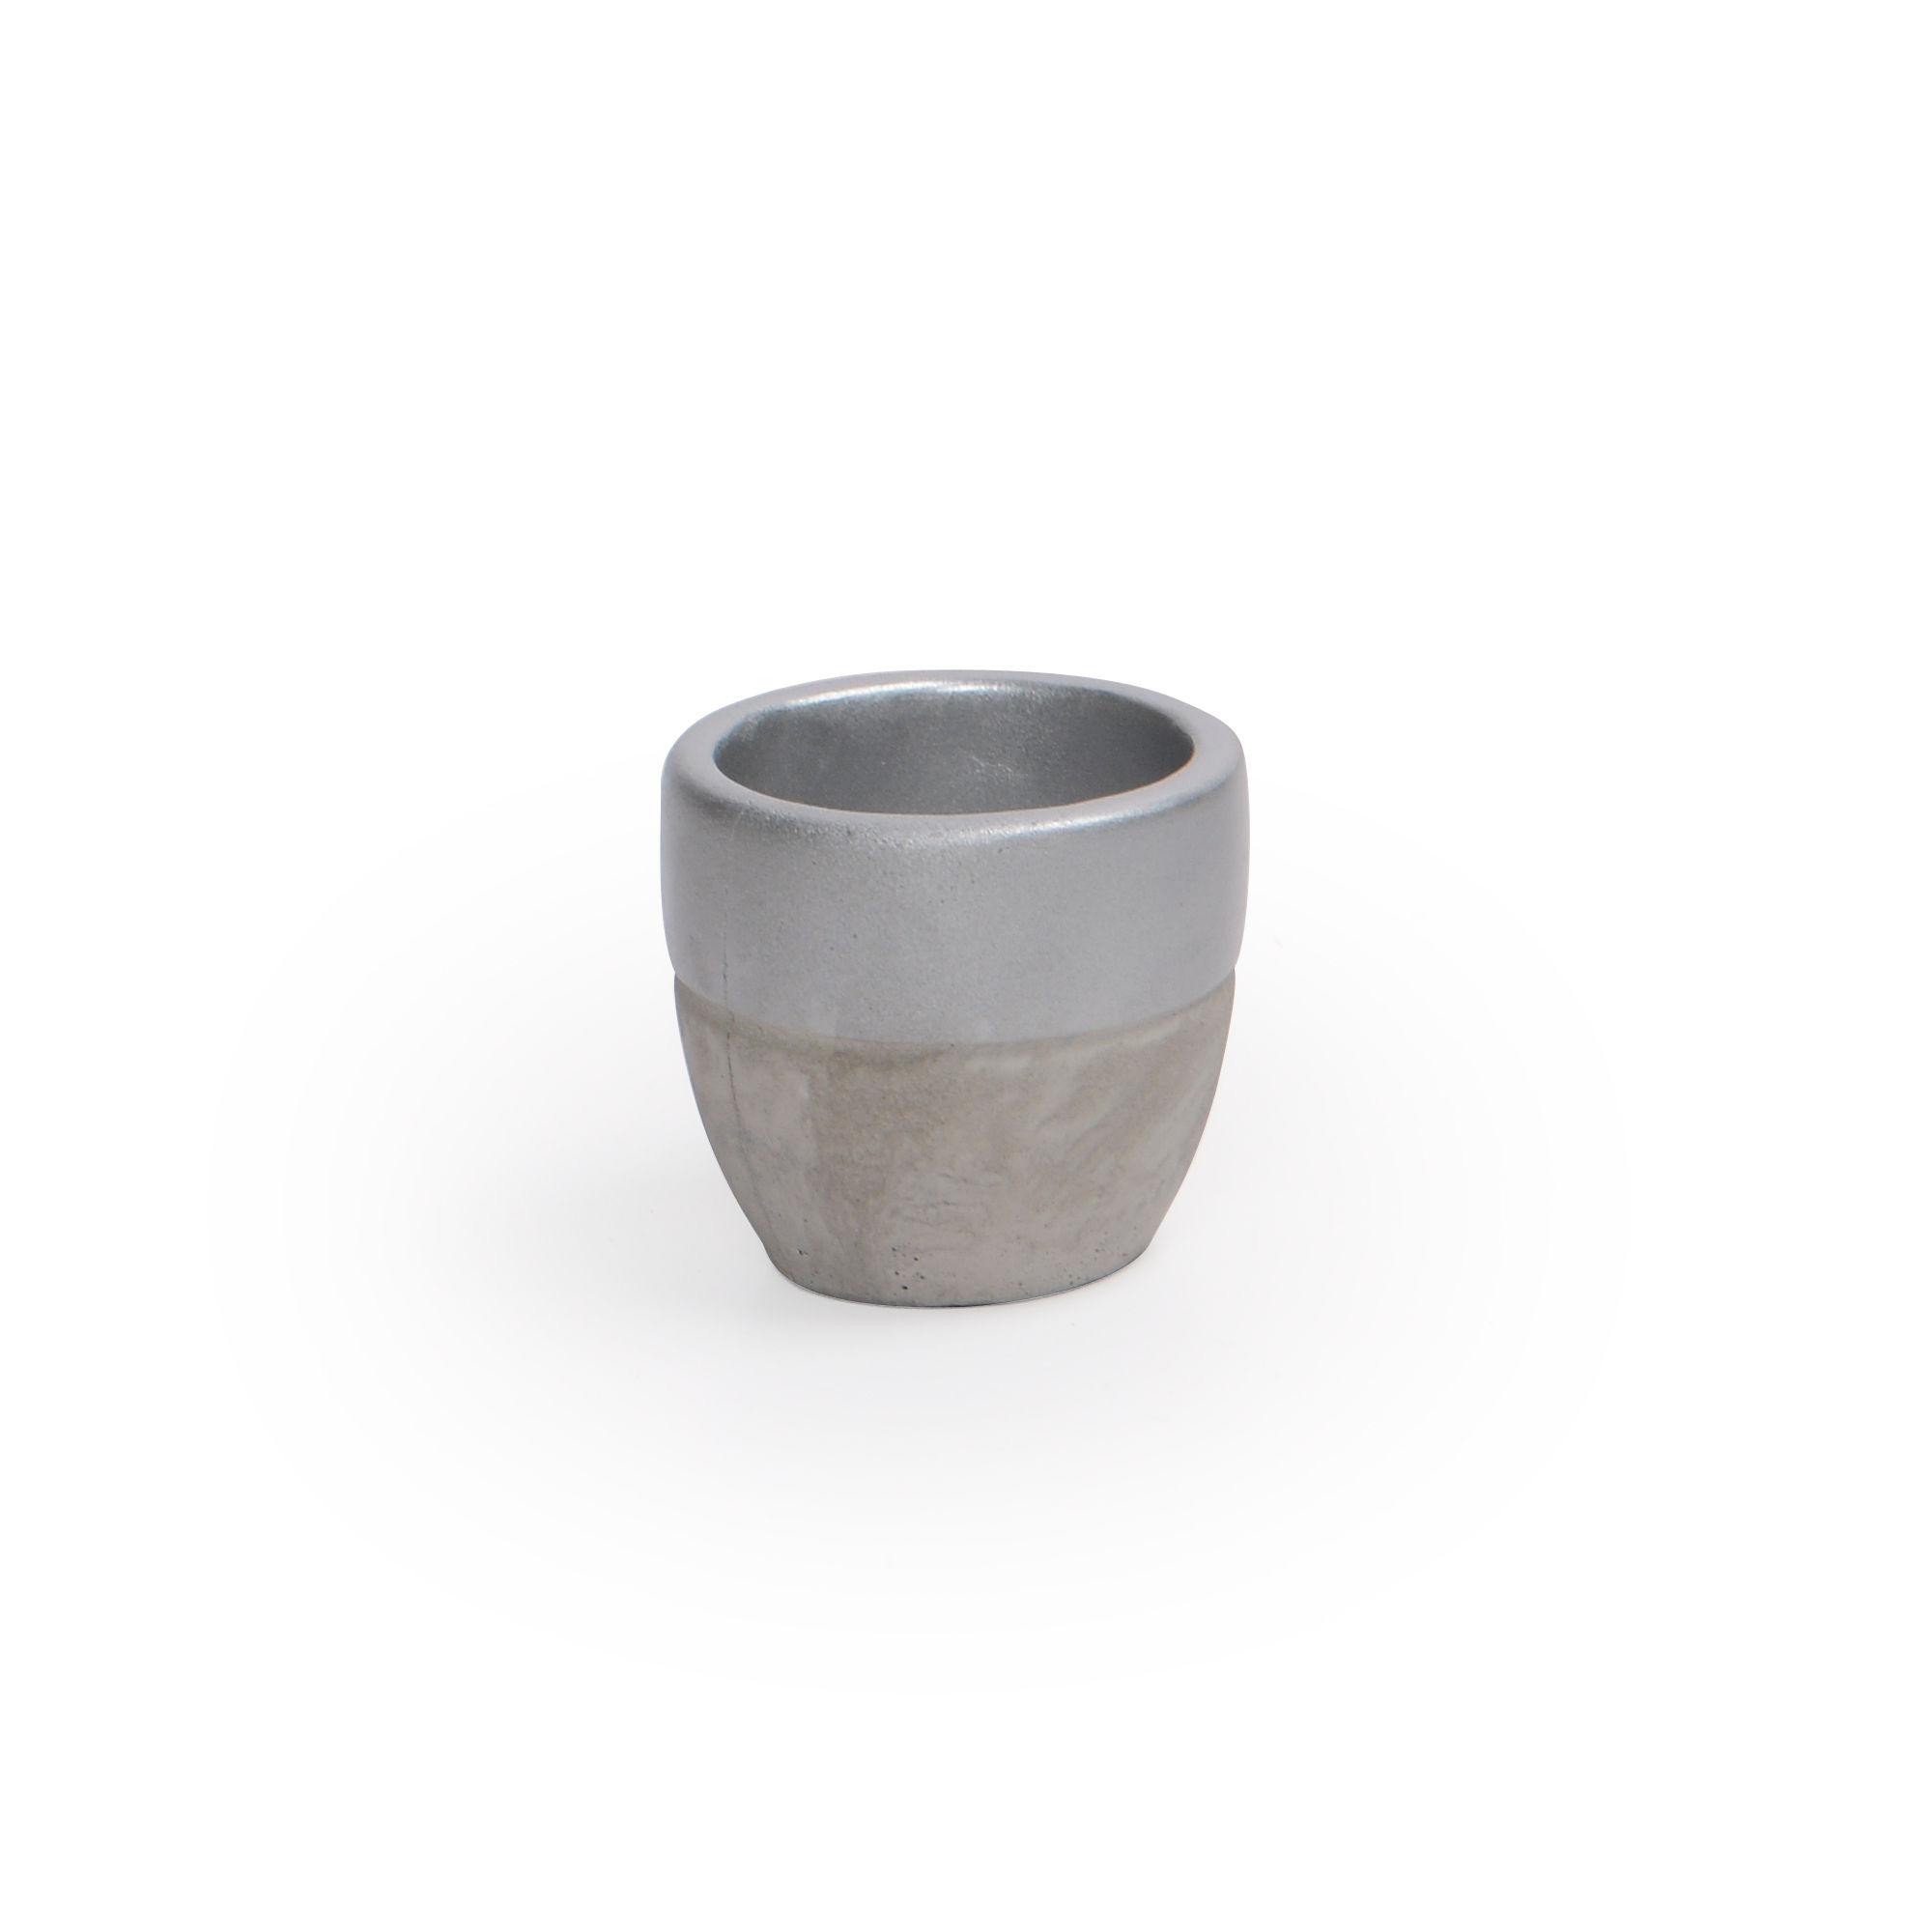 Vaso de Concreto Prata Pequeno